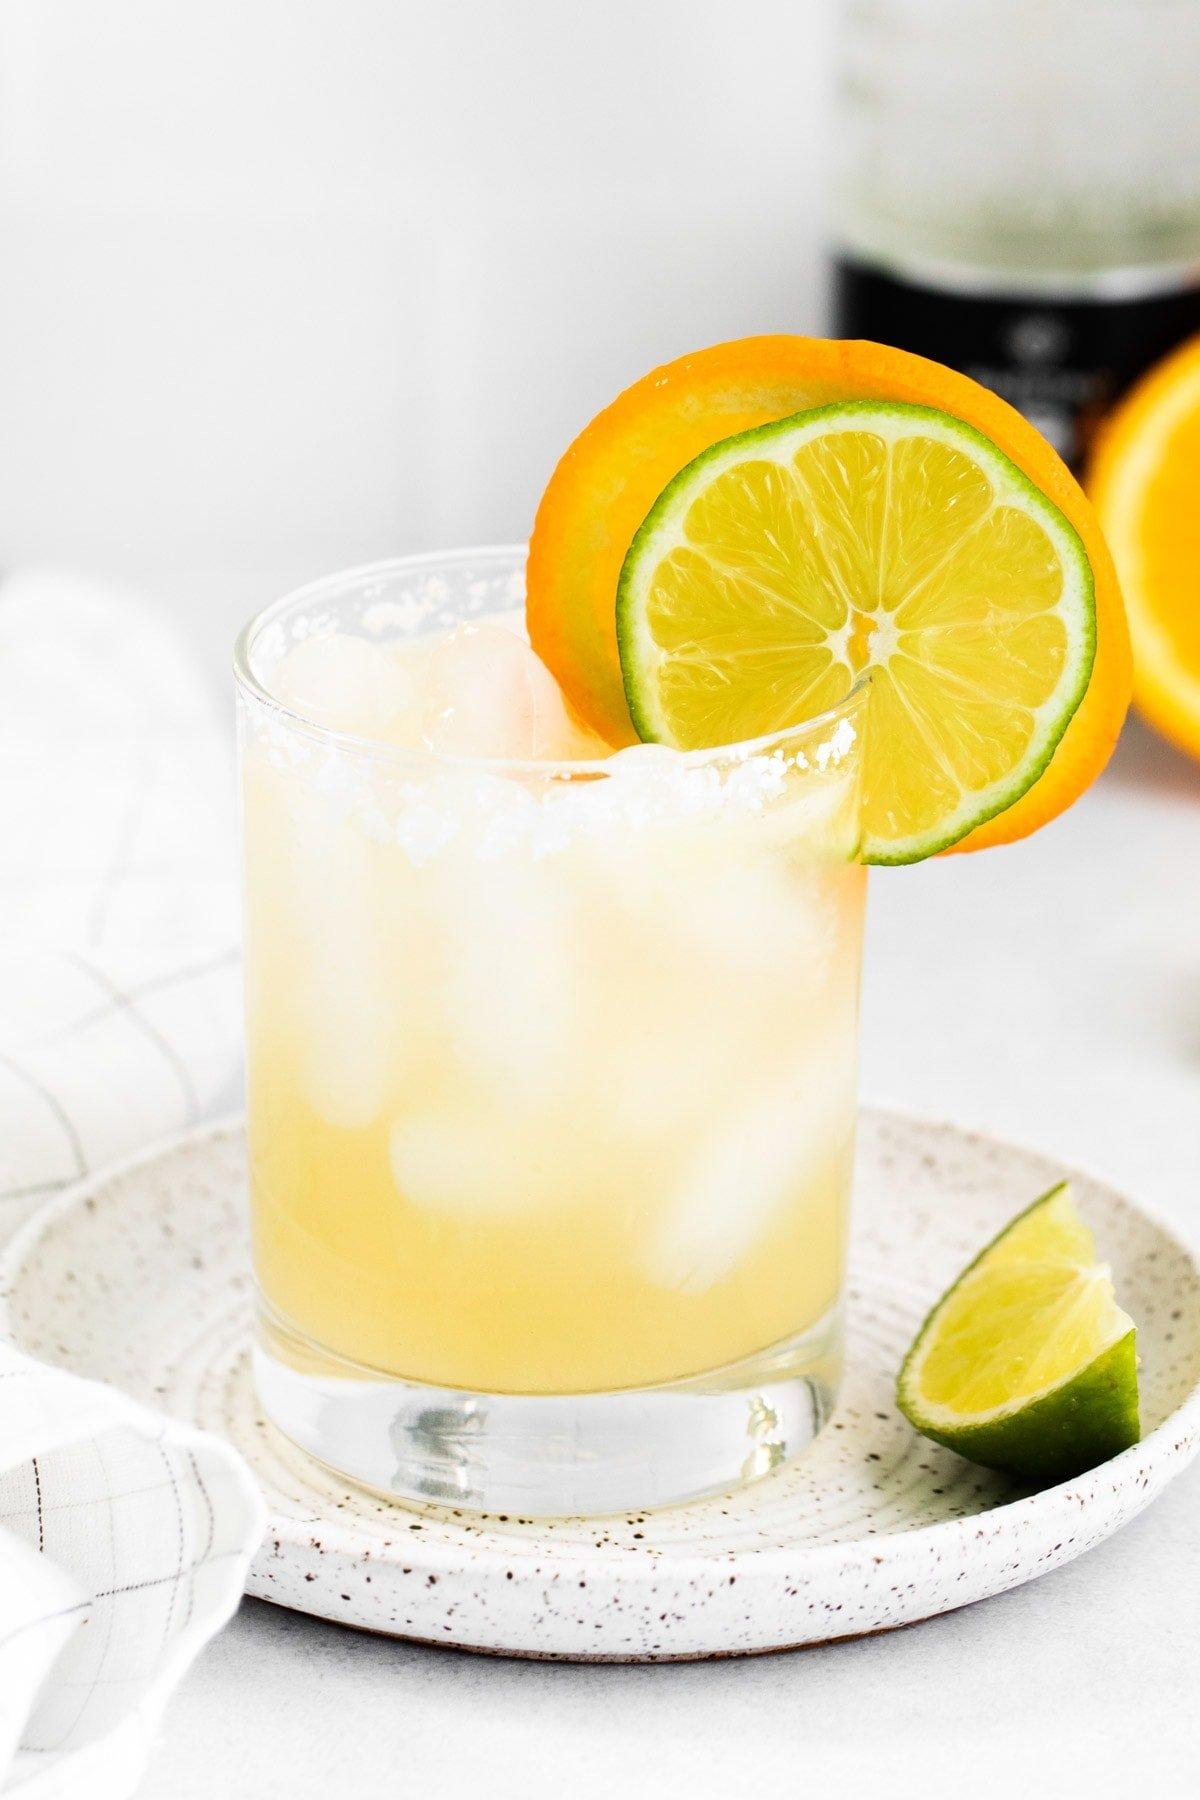 كوب مارغريتا رفيعة مع شرائح ليمون وبرتقال.